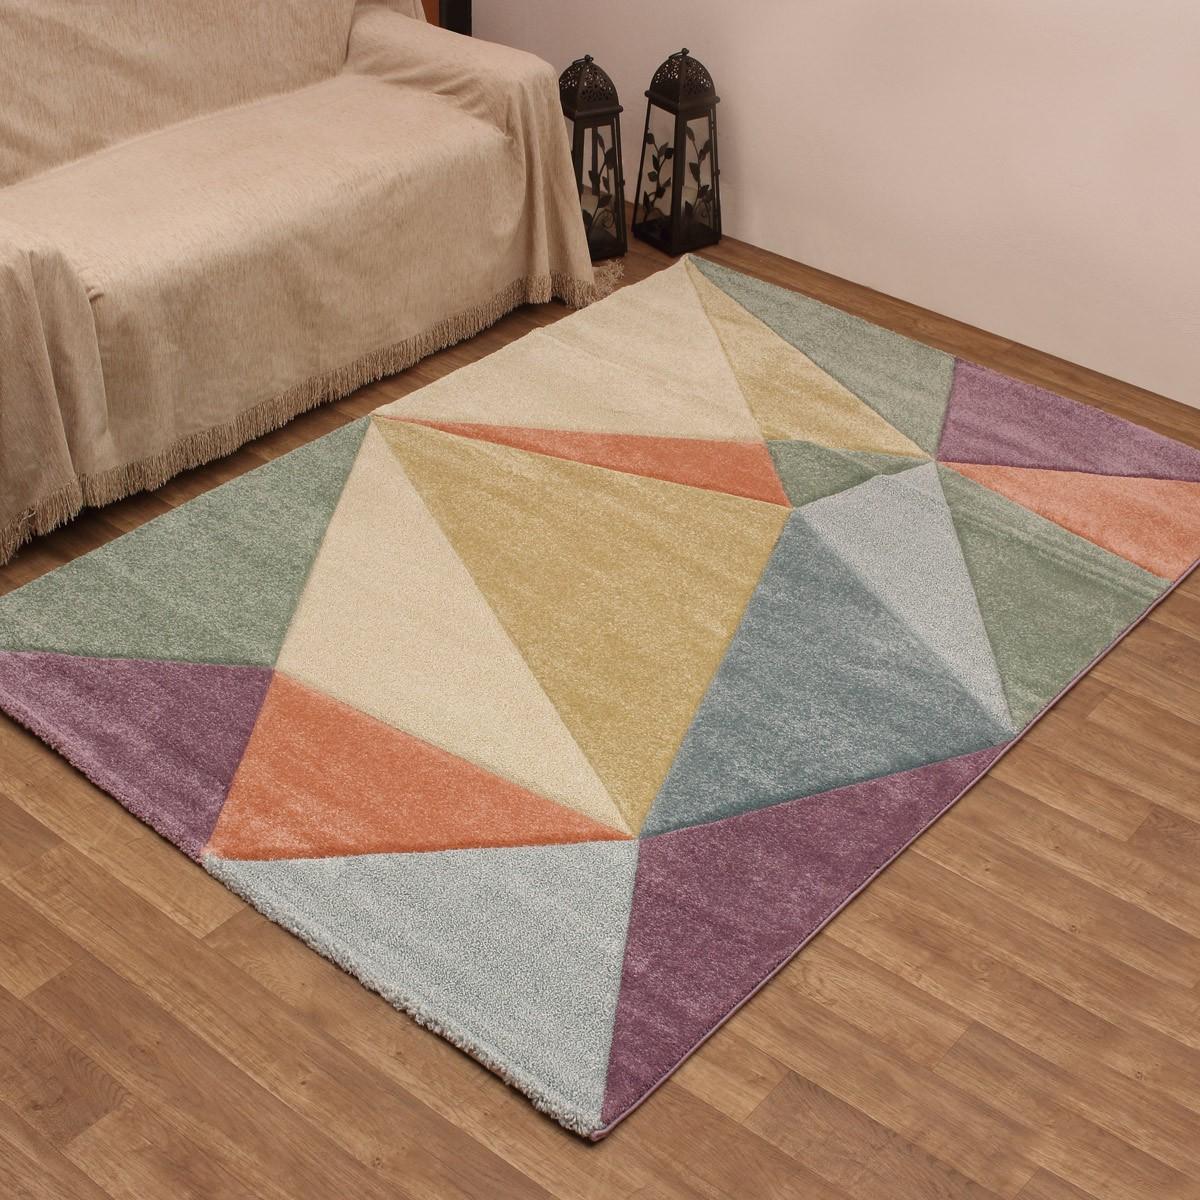 Χαλί (160x230) Viopros Premium Carpets Τρίνιτυ